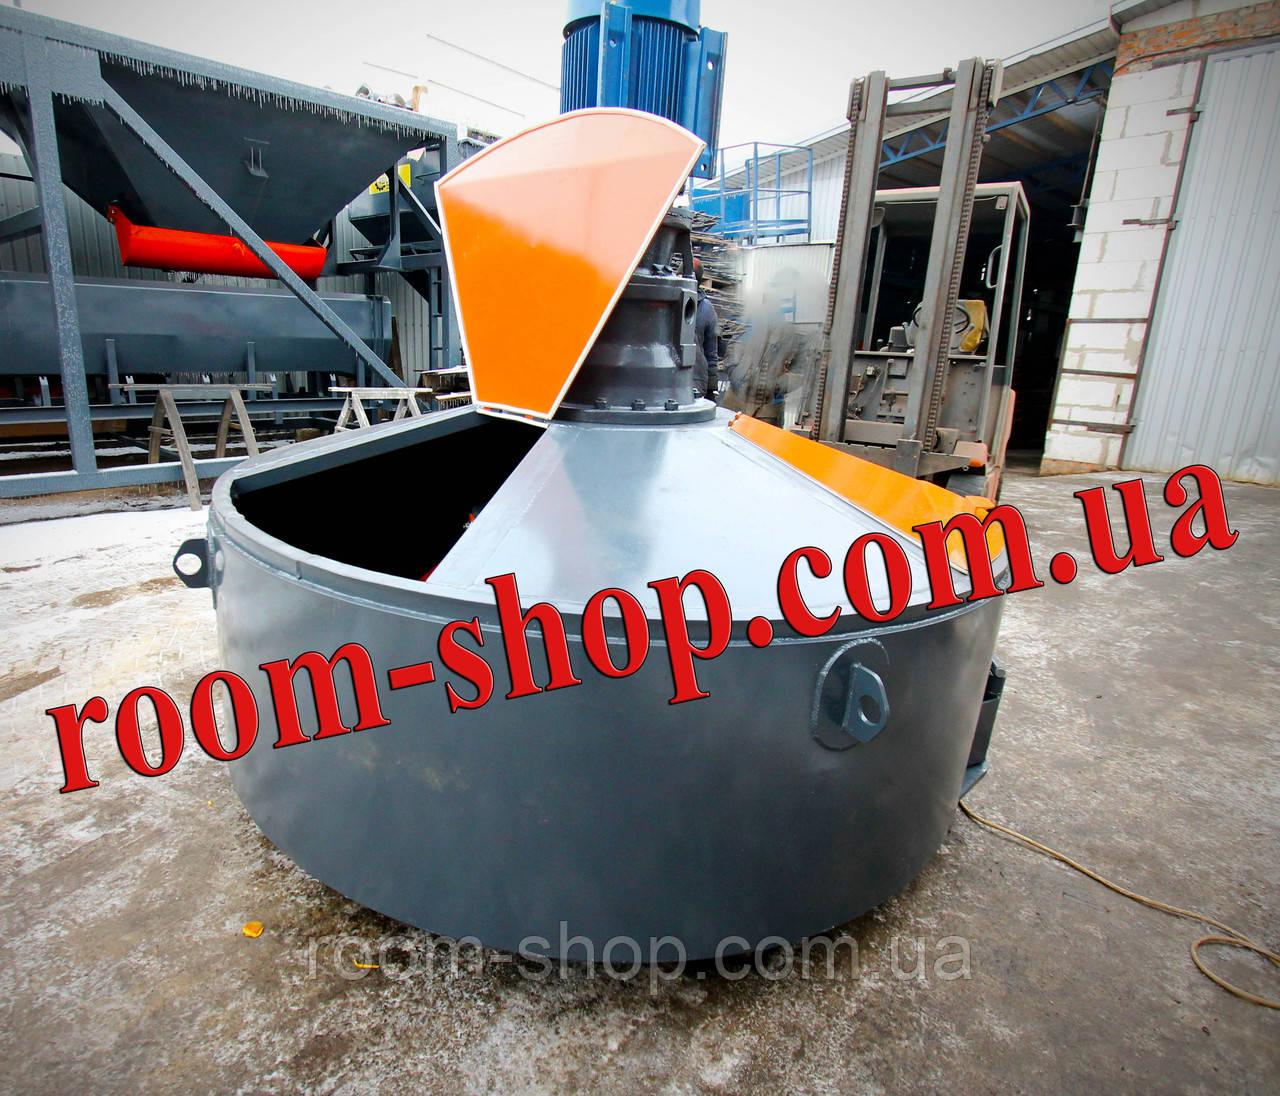 Растворомешалка (бетономішалка, змішувач, мішалка, бетонозмішувач) об'ємом 900 л.